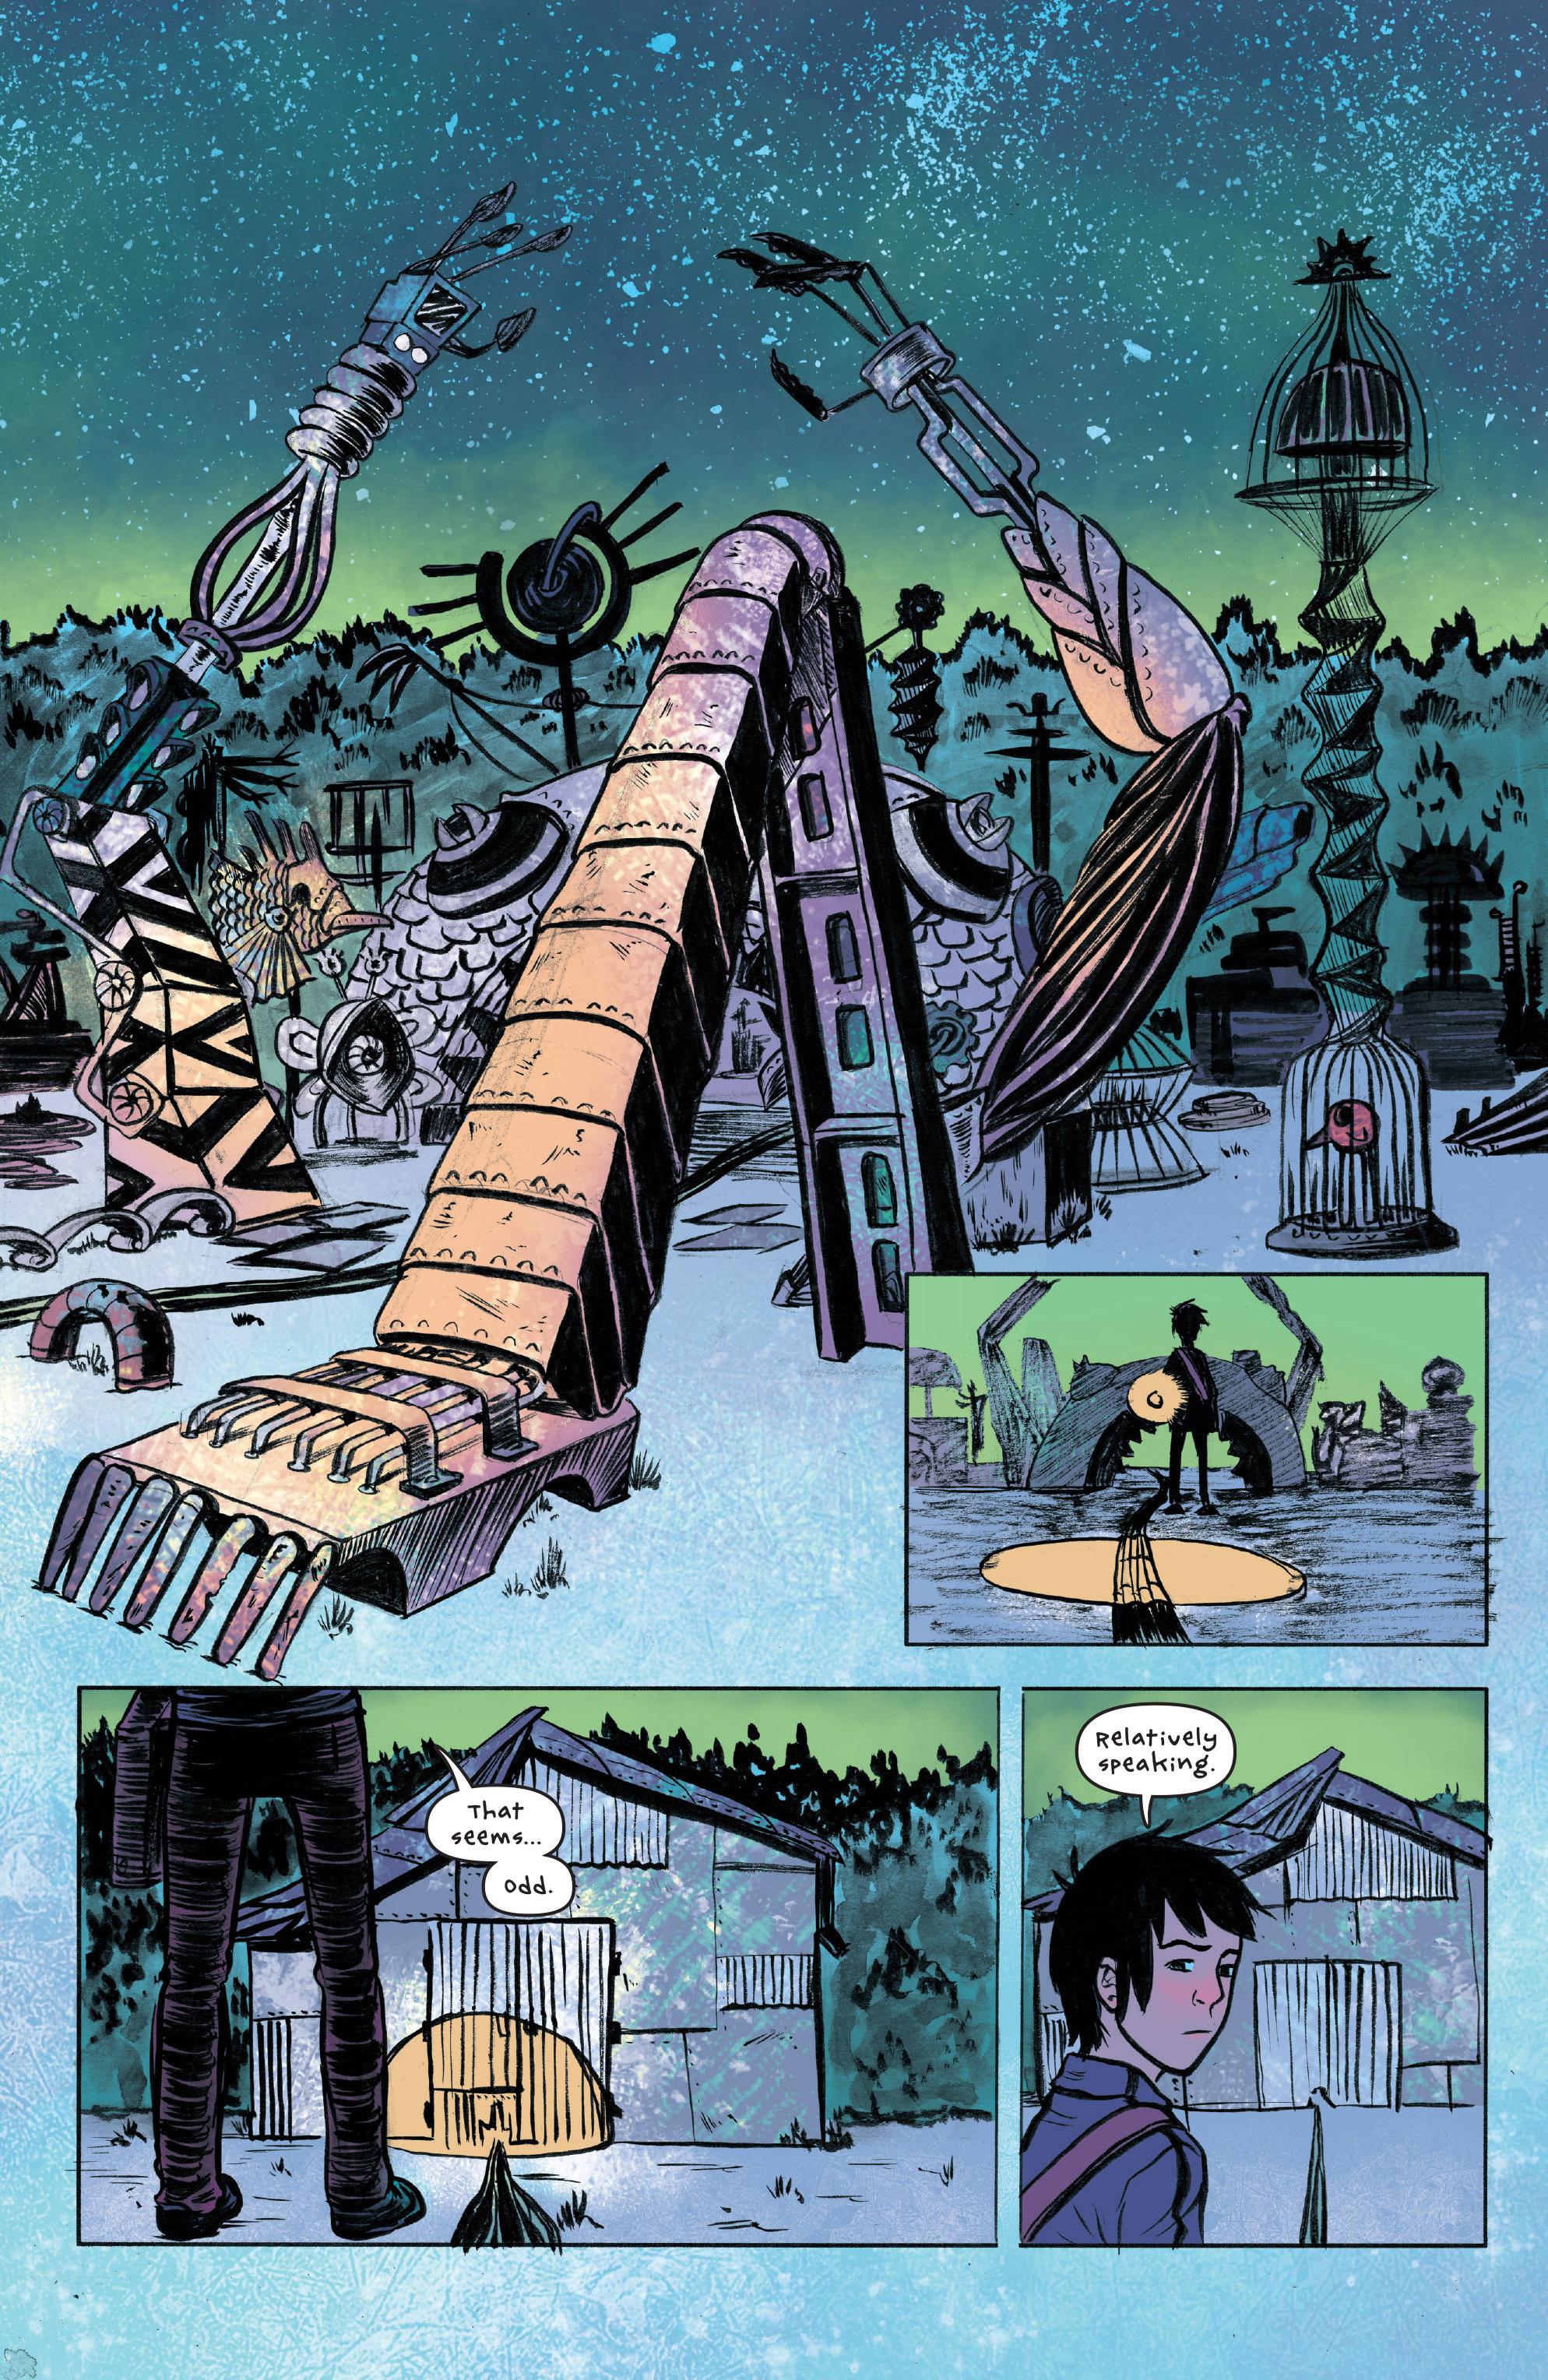 Read online UFOlogy comic -  Issue #2 - 23